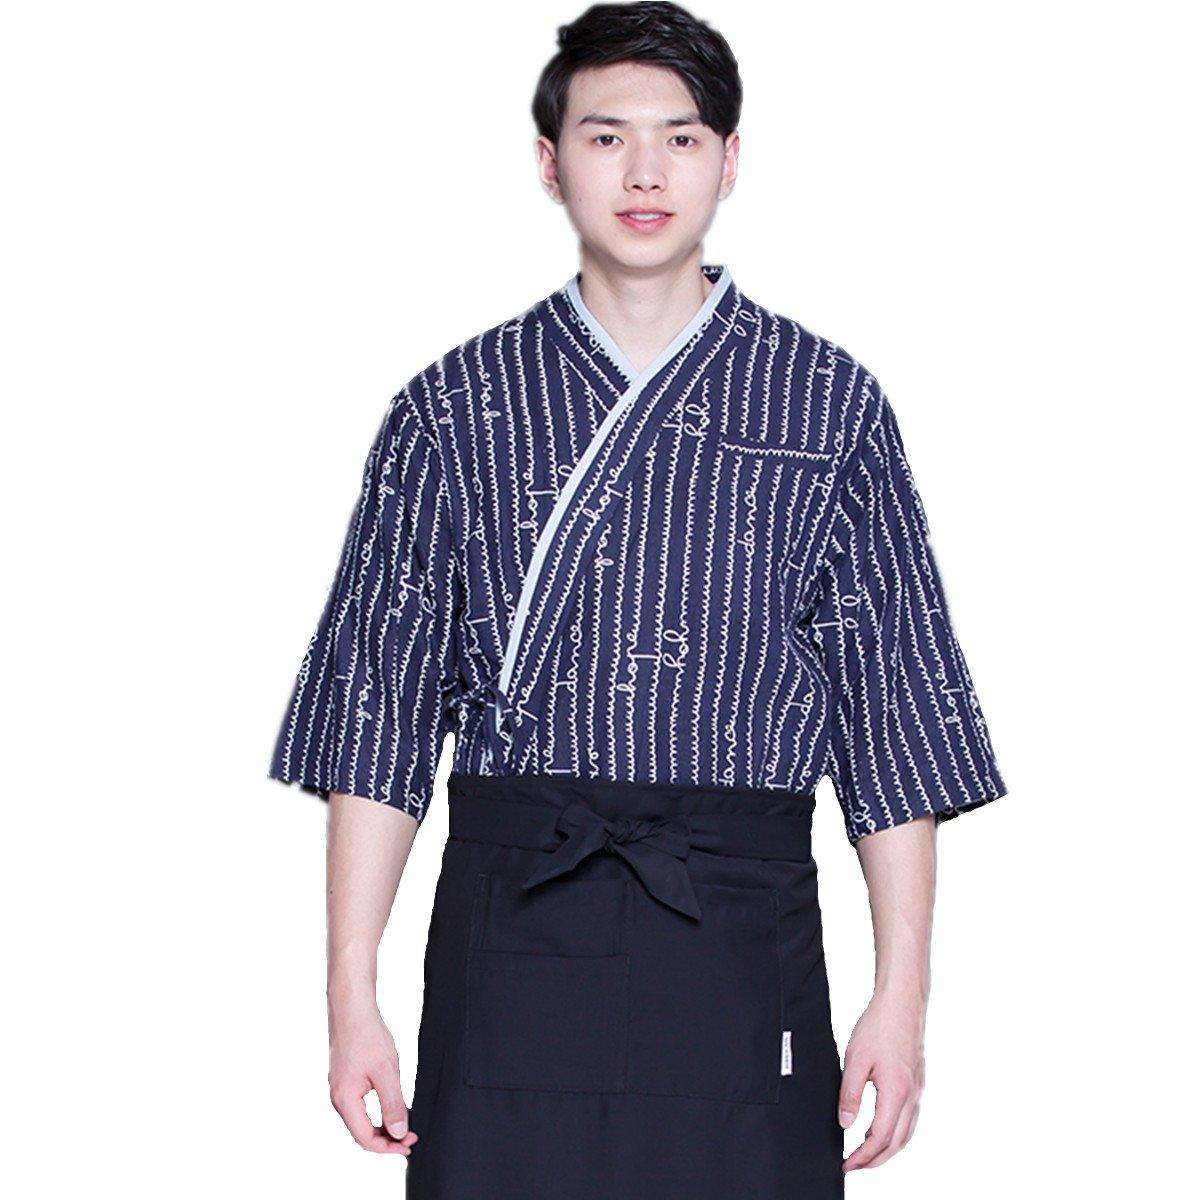 XINFU Sushi Chef Uniform Blue Waves 3/4 Long Sleeve Restaurant Japanese Kitchen Work Coat